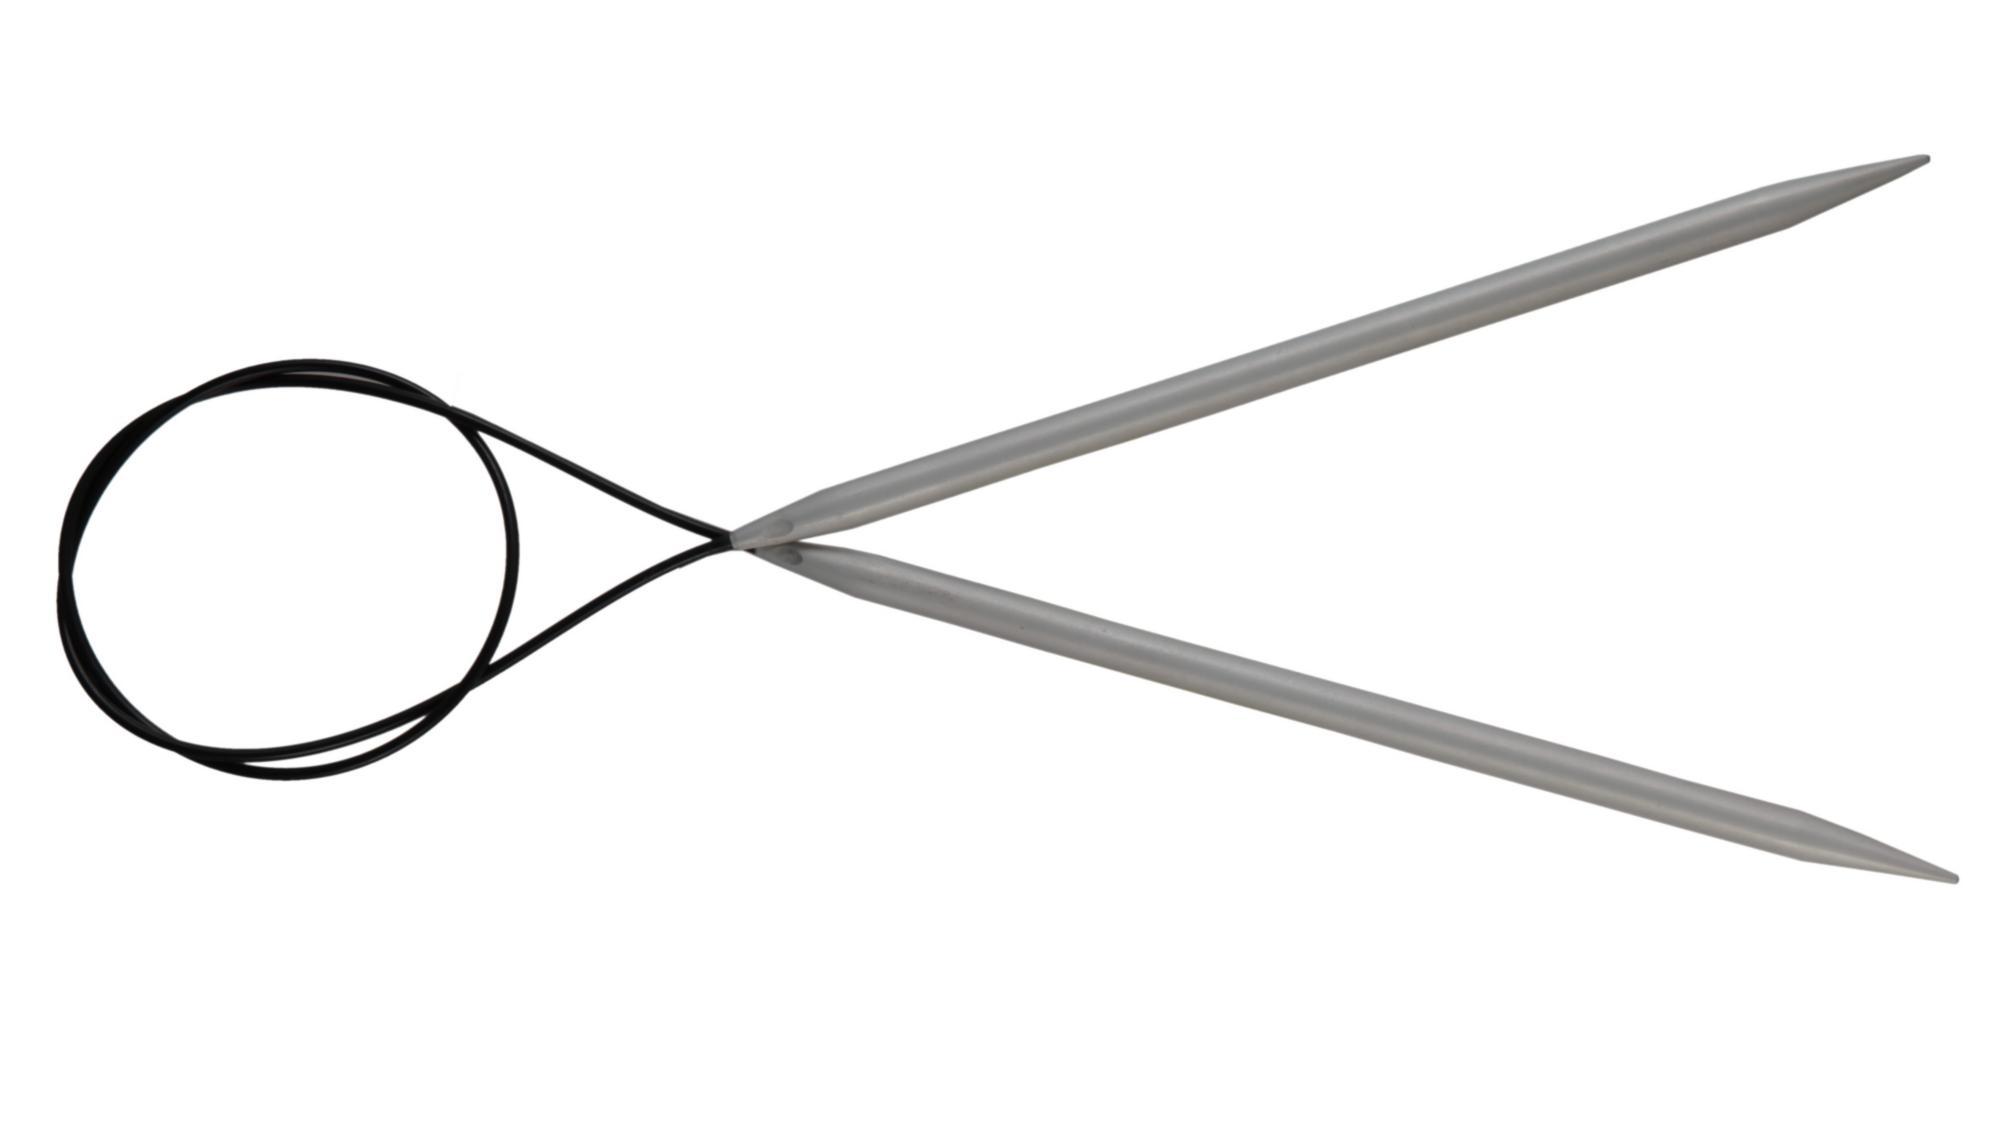 Спицы круговые 80 см Basix Aluminium KnitPro, 45335, 4.00 мм